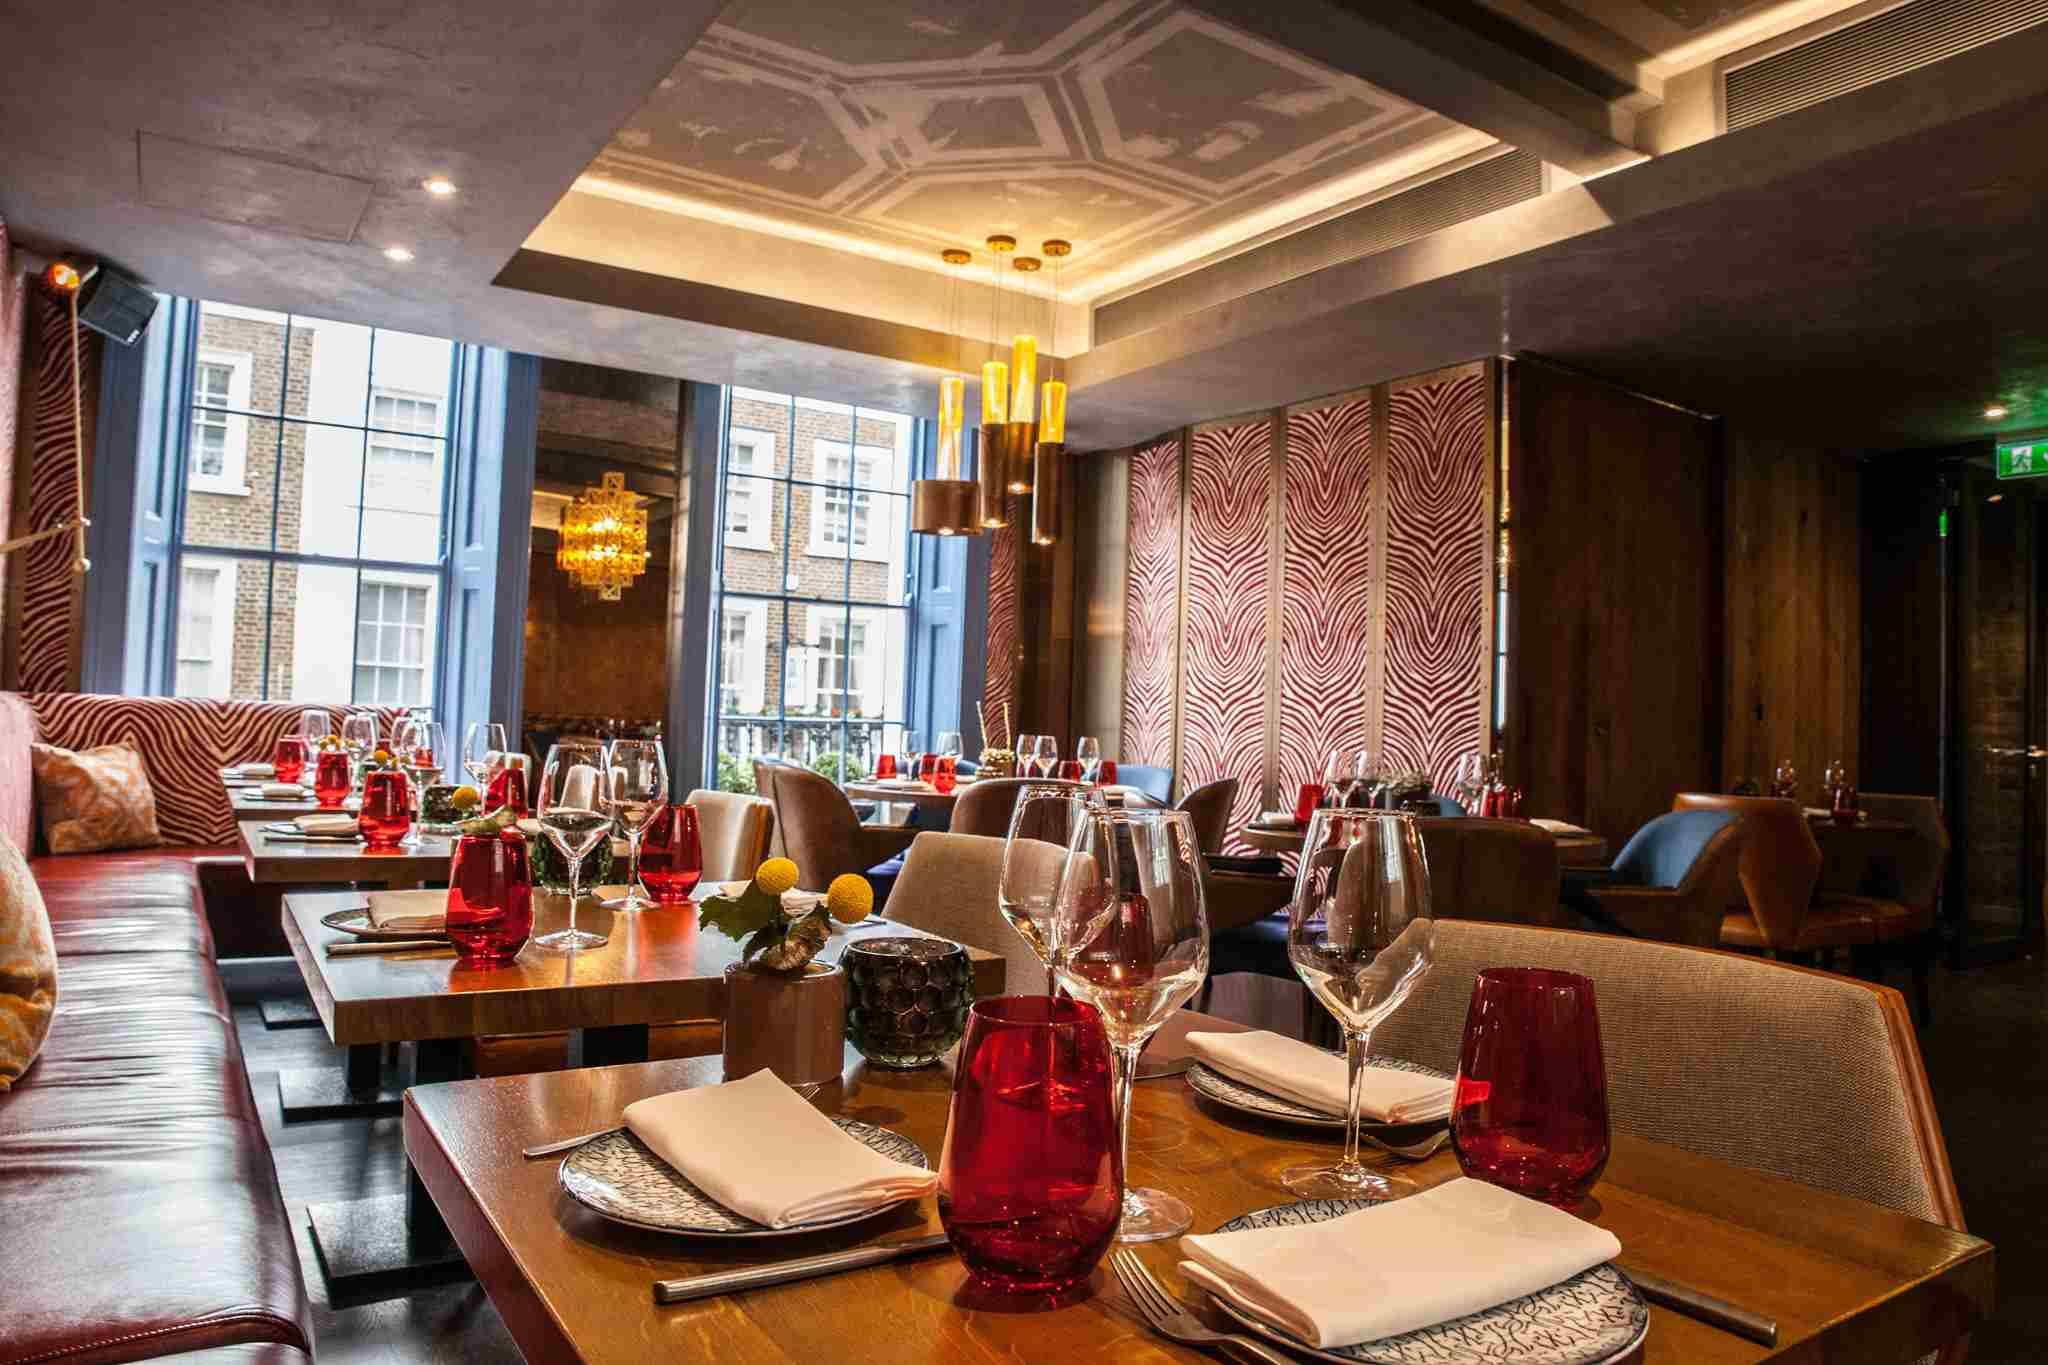 Osh Restaurant Dining Room